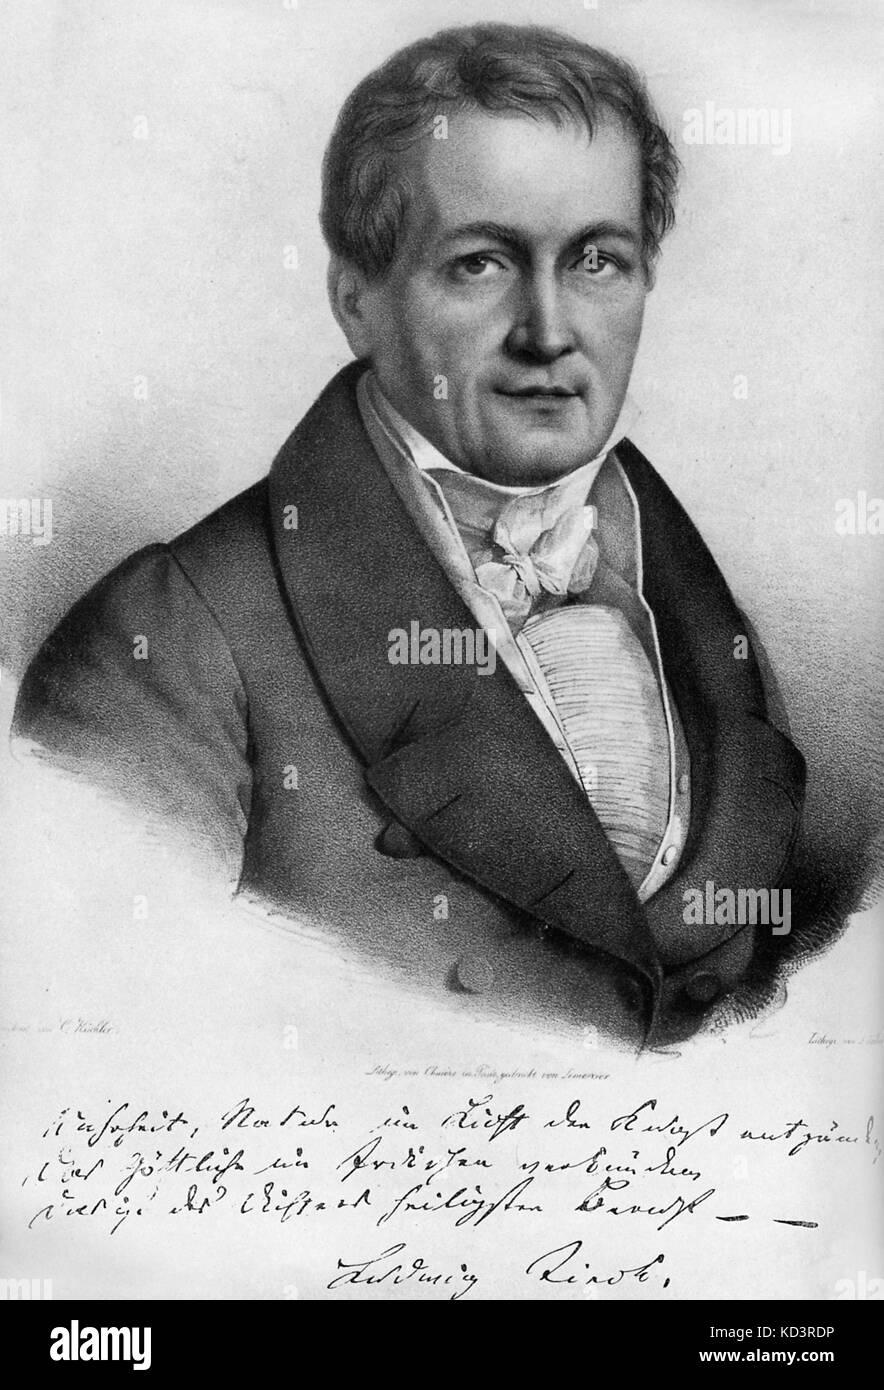 Ludwig Tieck -portrait. Avec signature. Écrivain allemand sur Shakespeare. 31 mai 1773 - 28 avril 1853. Écrit sous pseudonyme de Peter Lebrecht. Banque D'Images